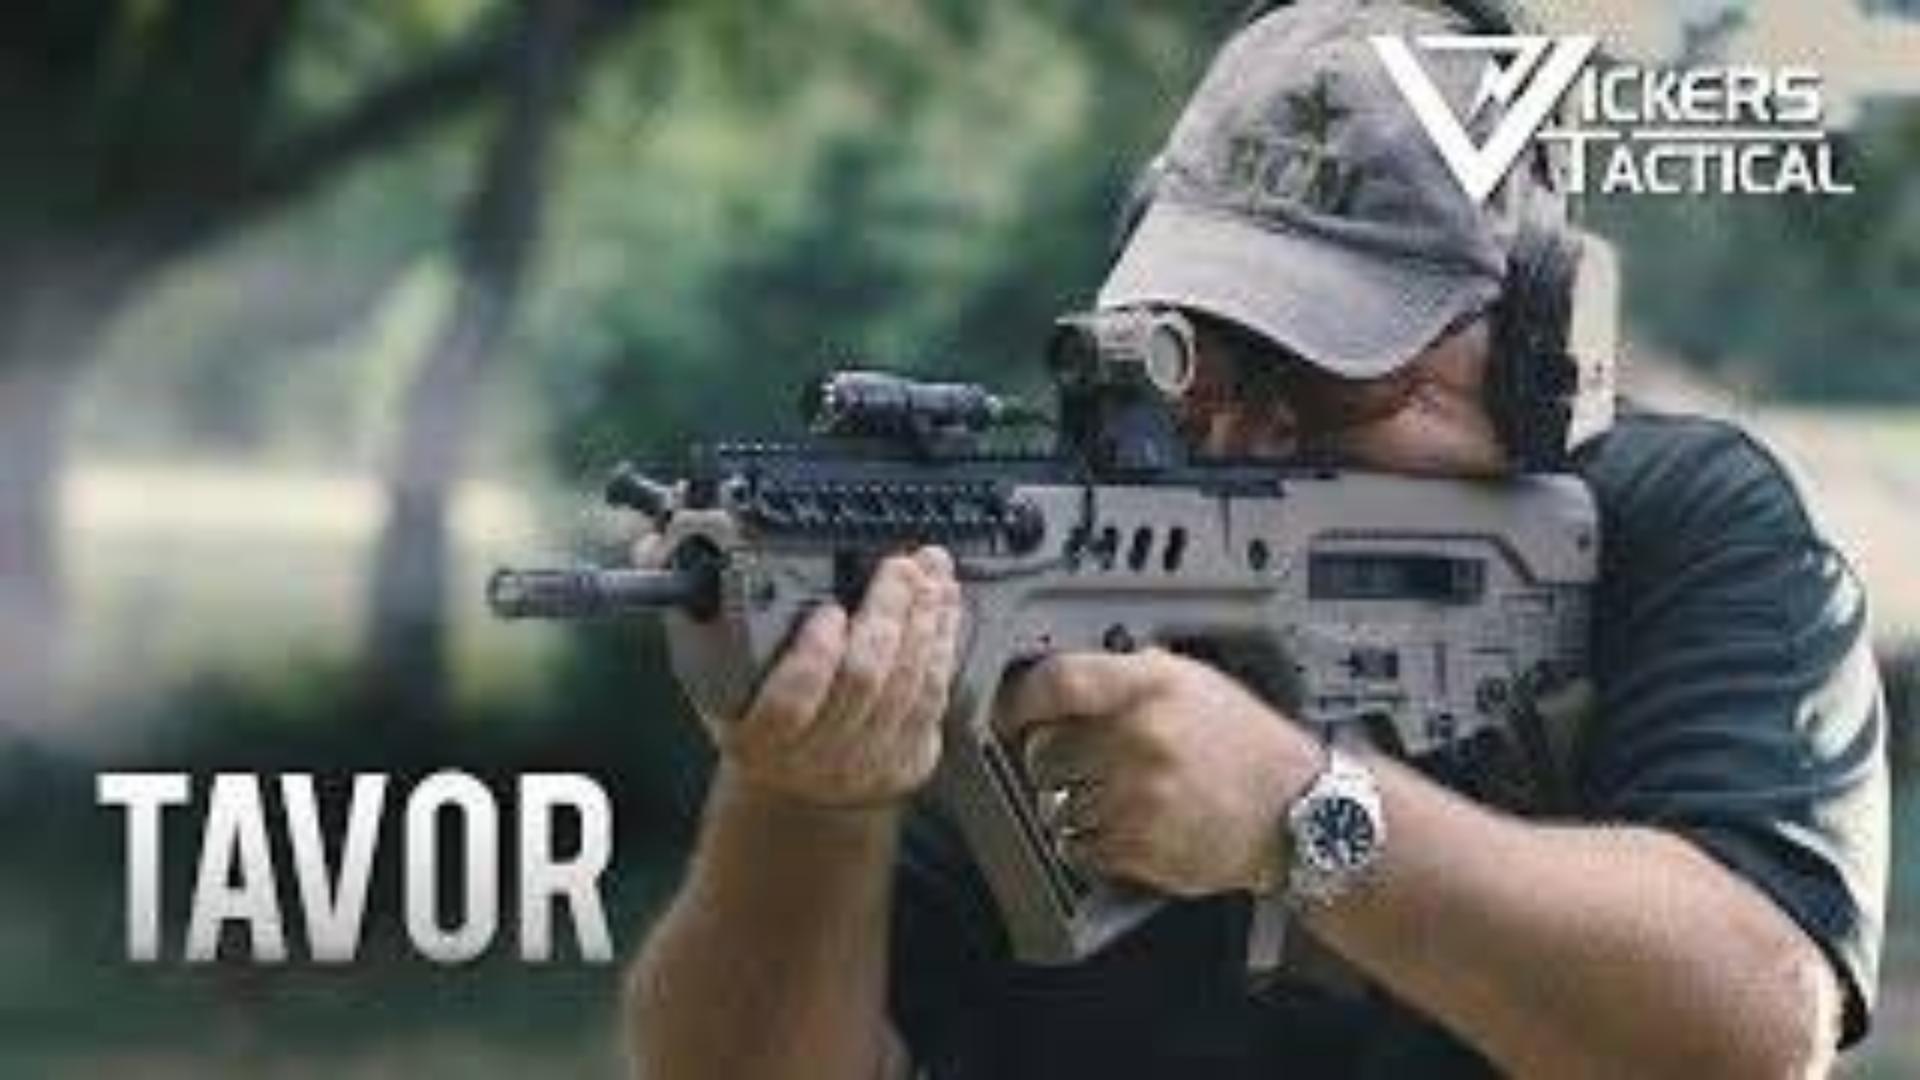 【搬运/已加工字幕】IWI塔沃尔SAR步枪